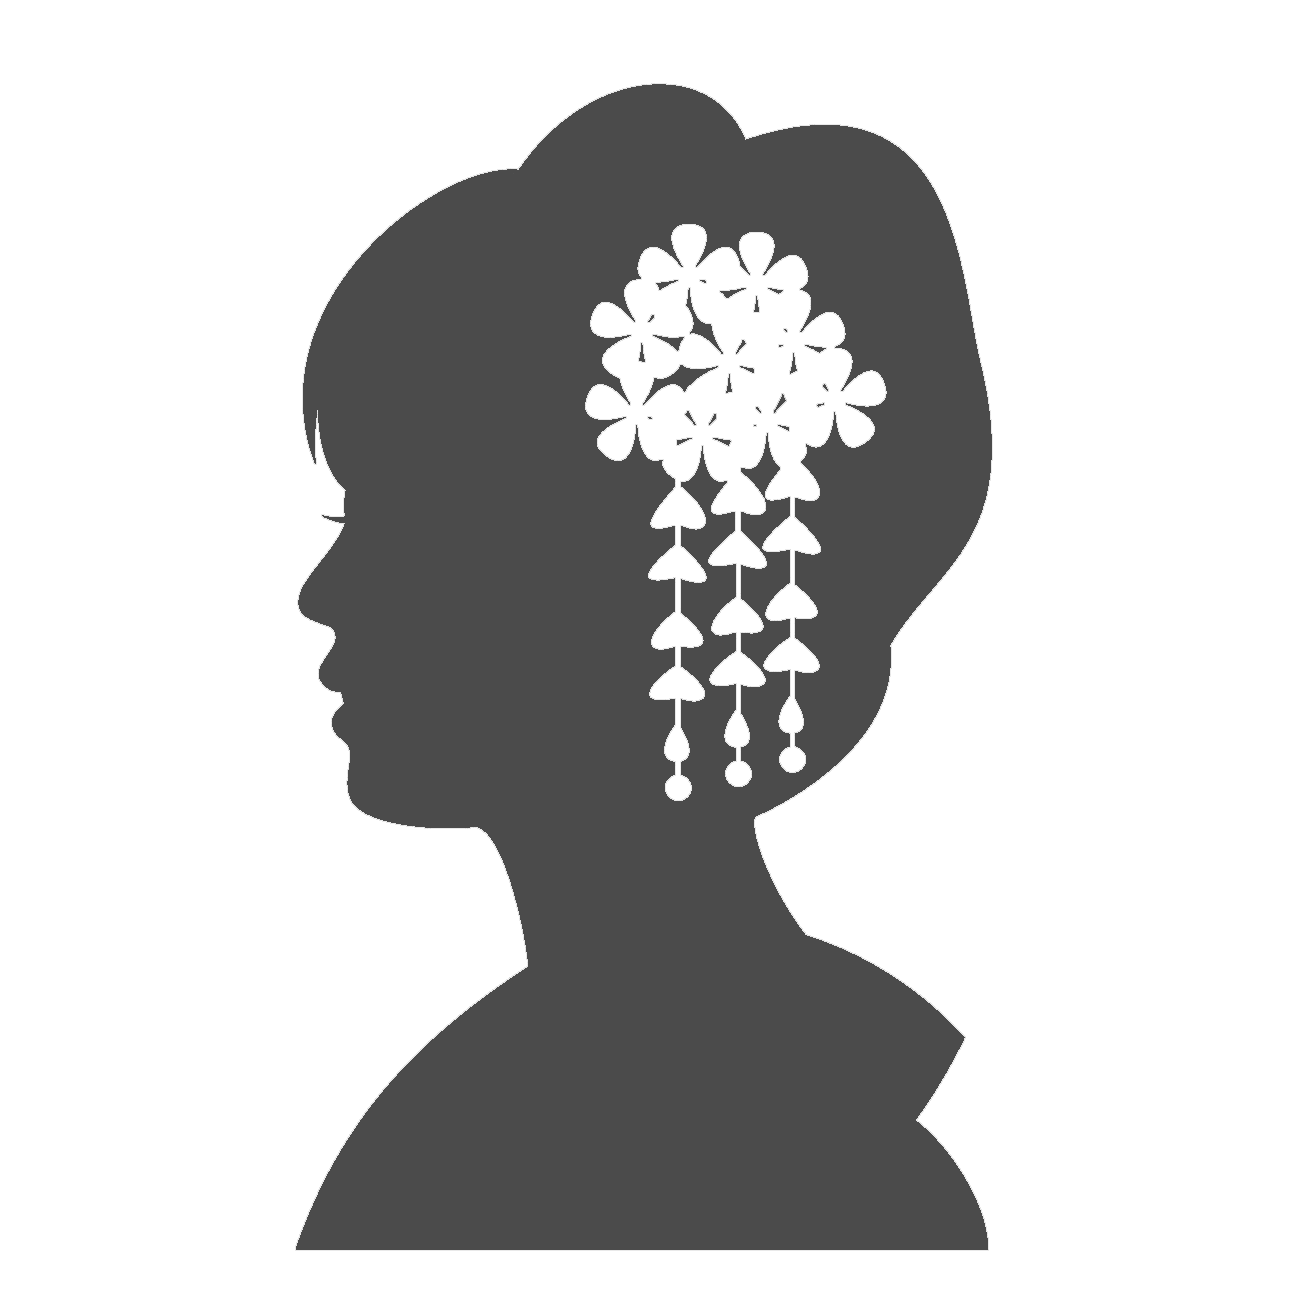 桜の髪飾りをつけた女性のシルエット